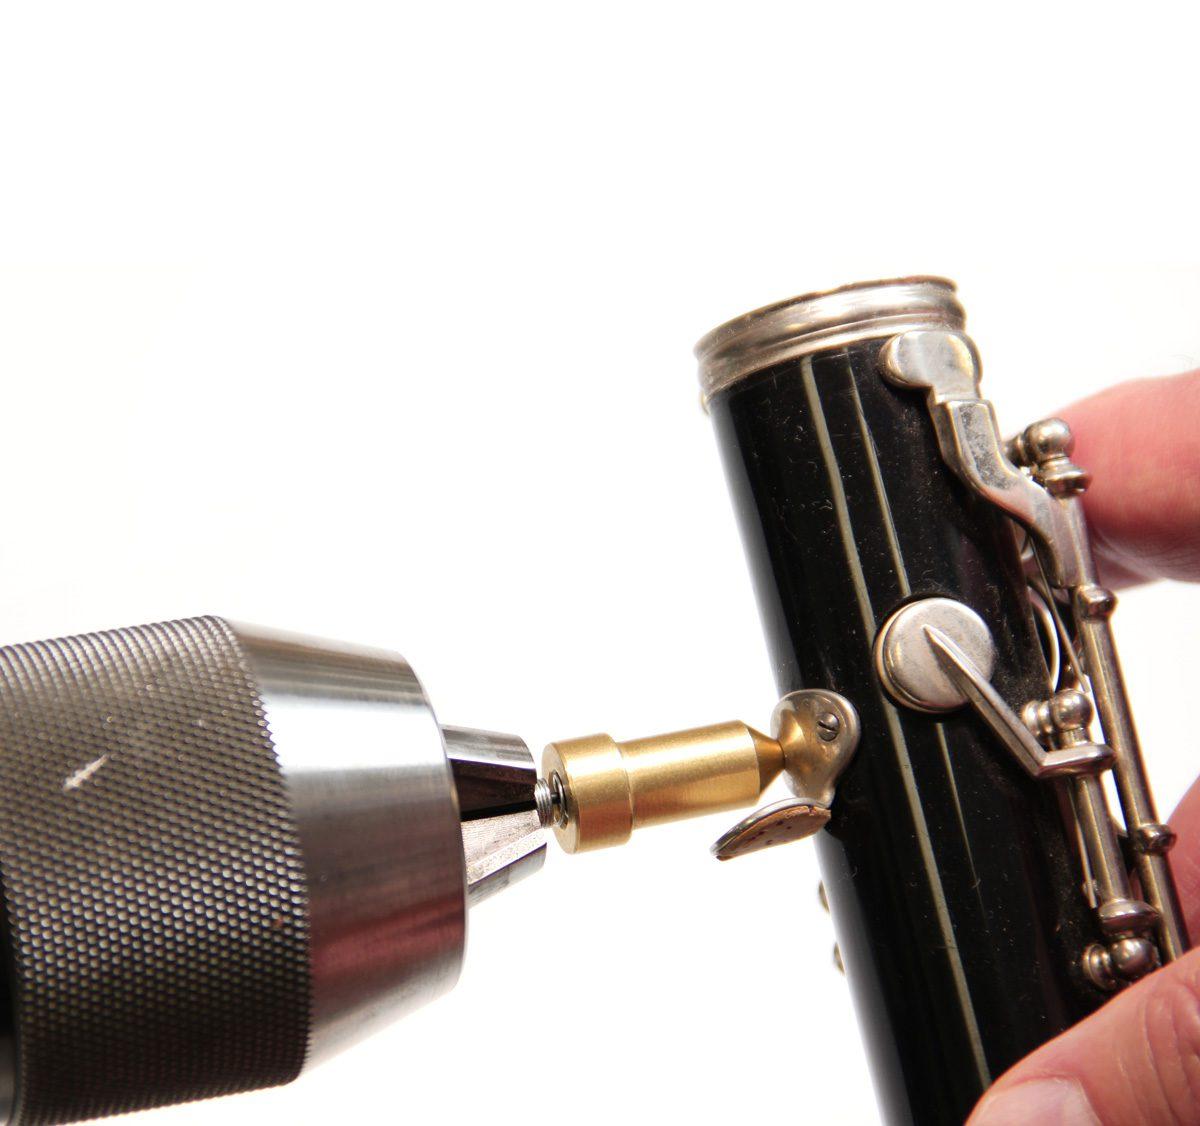 jls clarinet thumb rest drill pilot 1